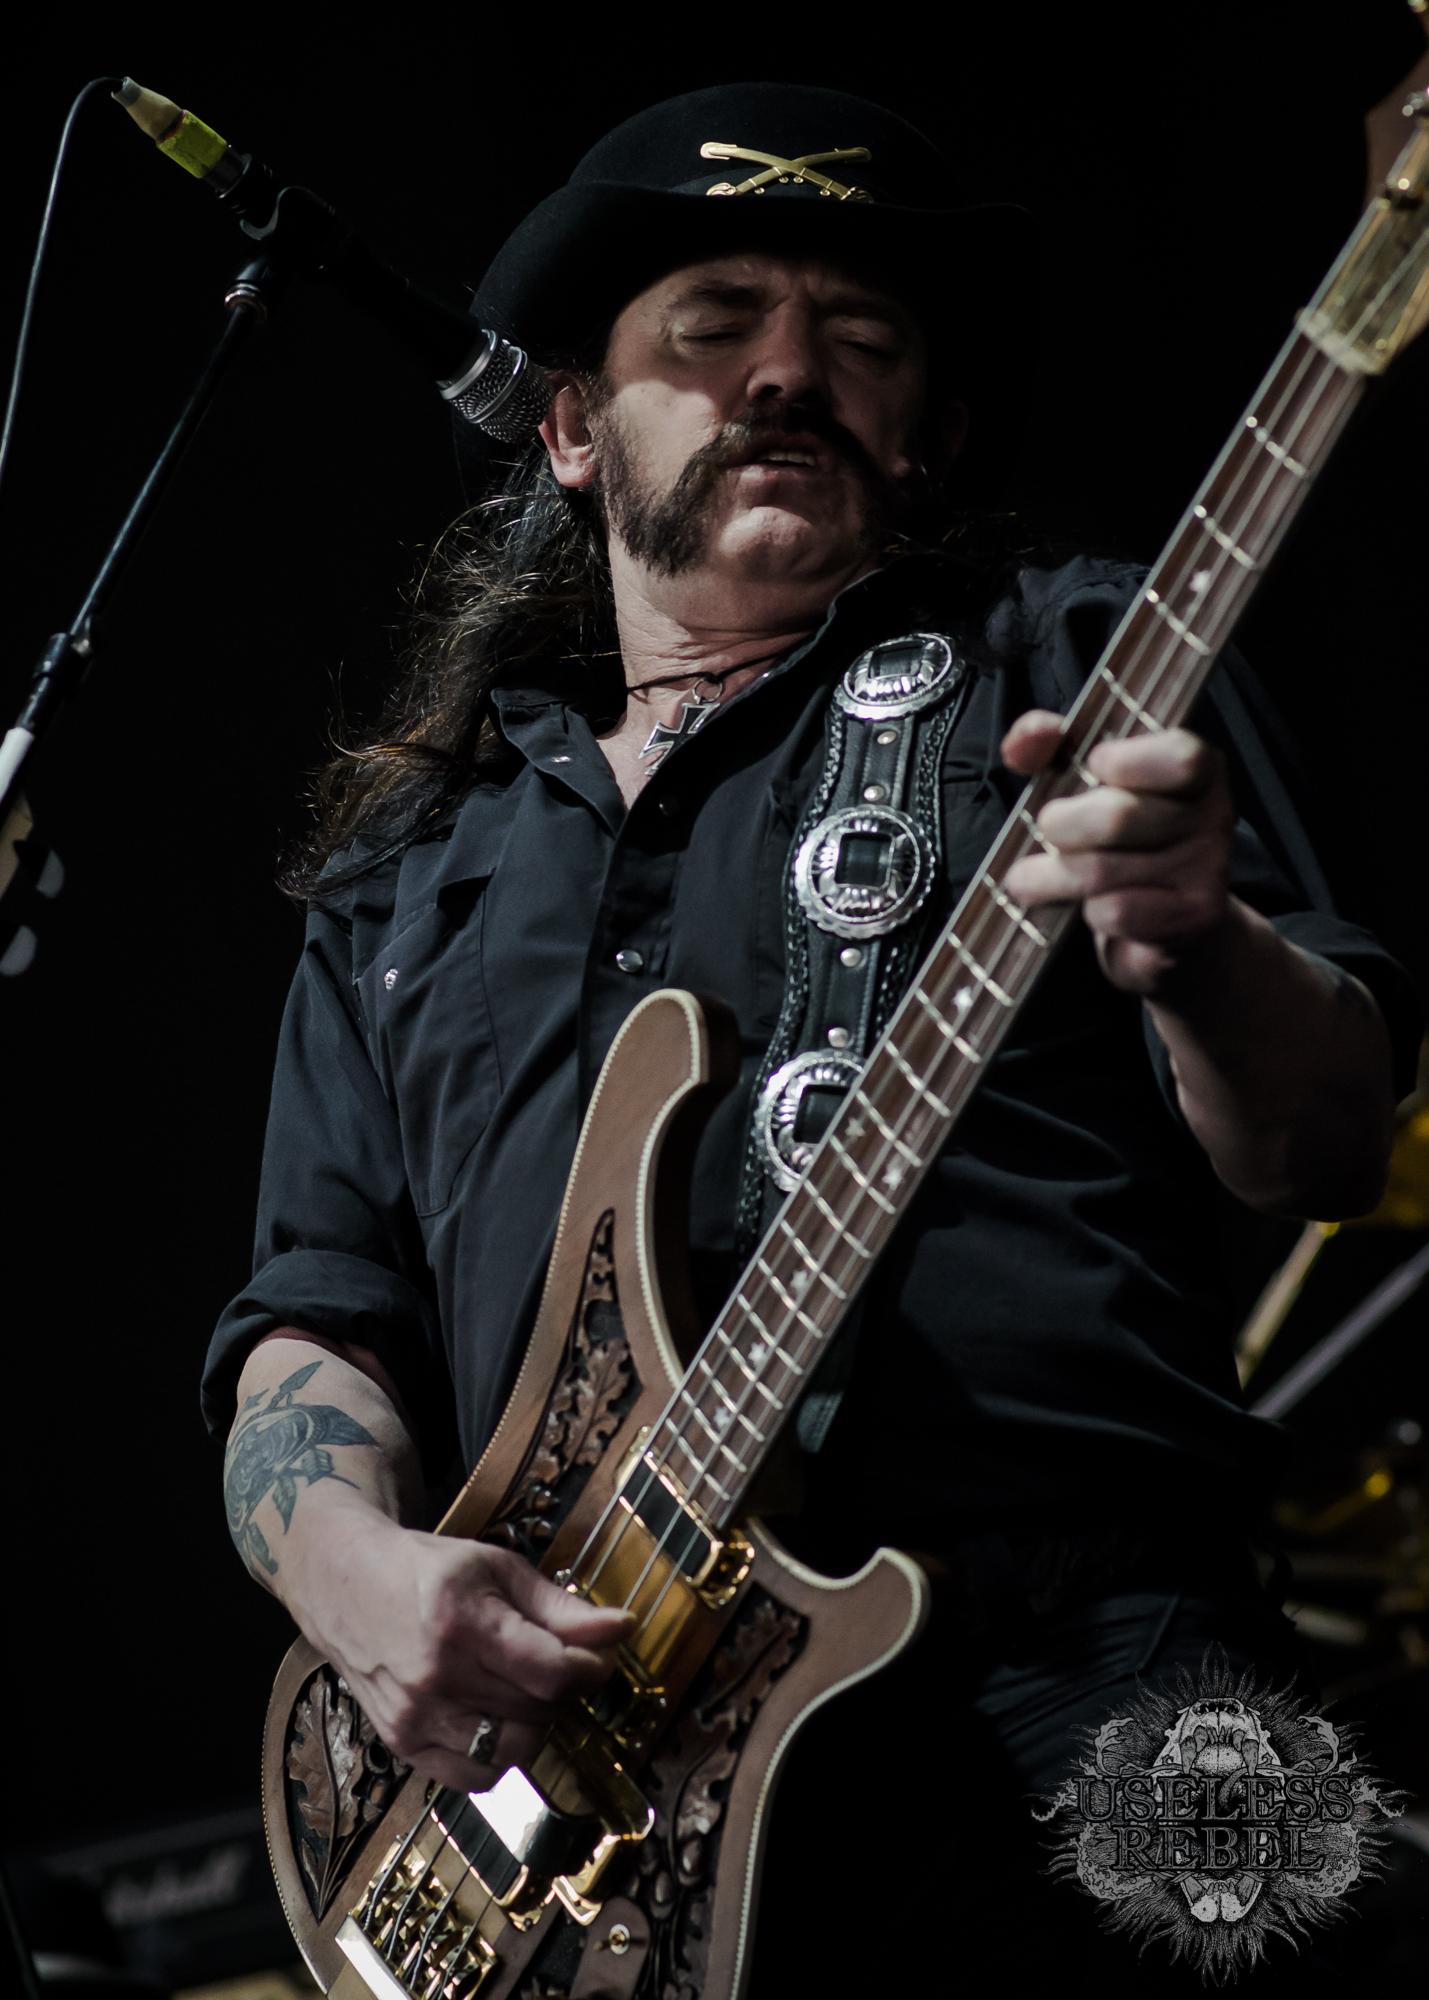 Lemmy w/ Motorhead